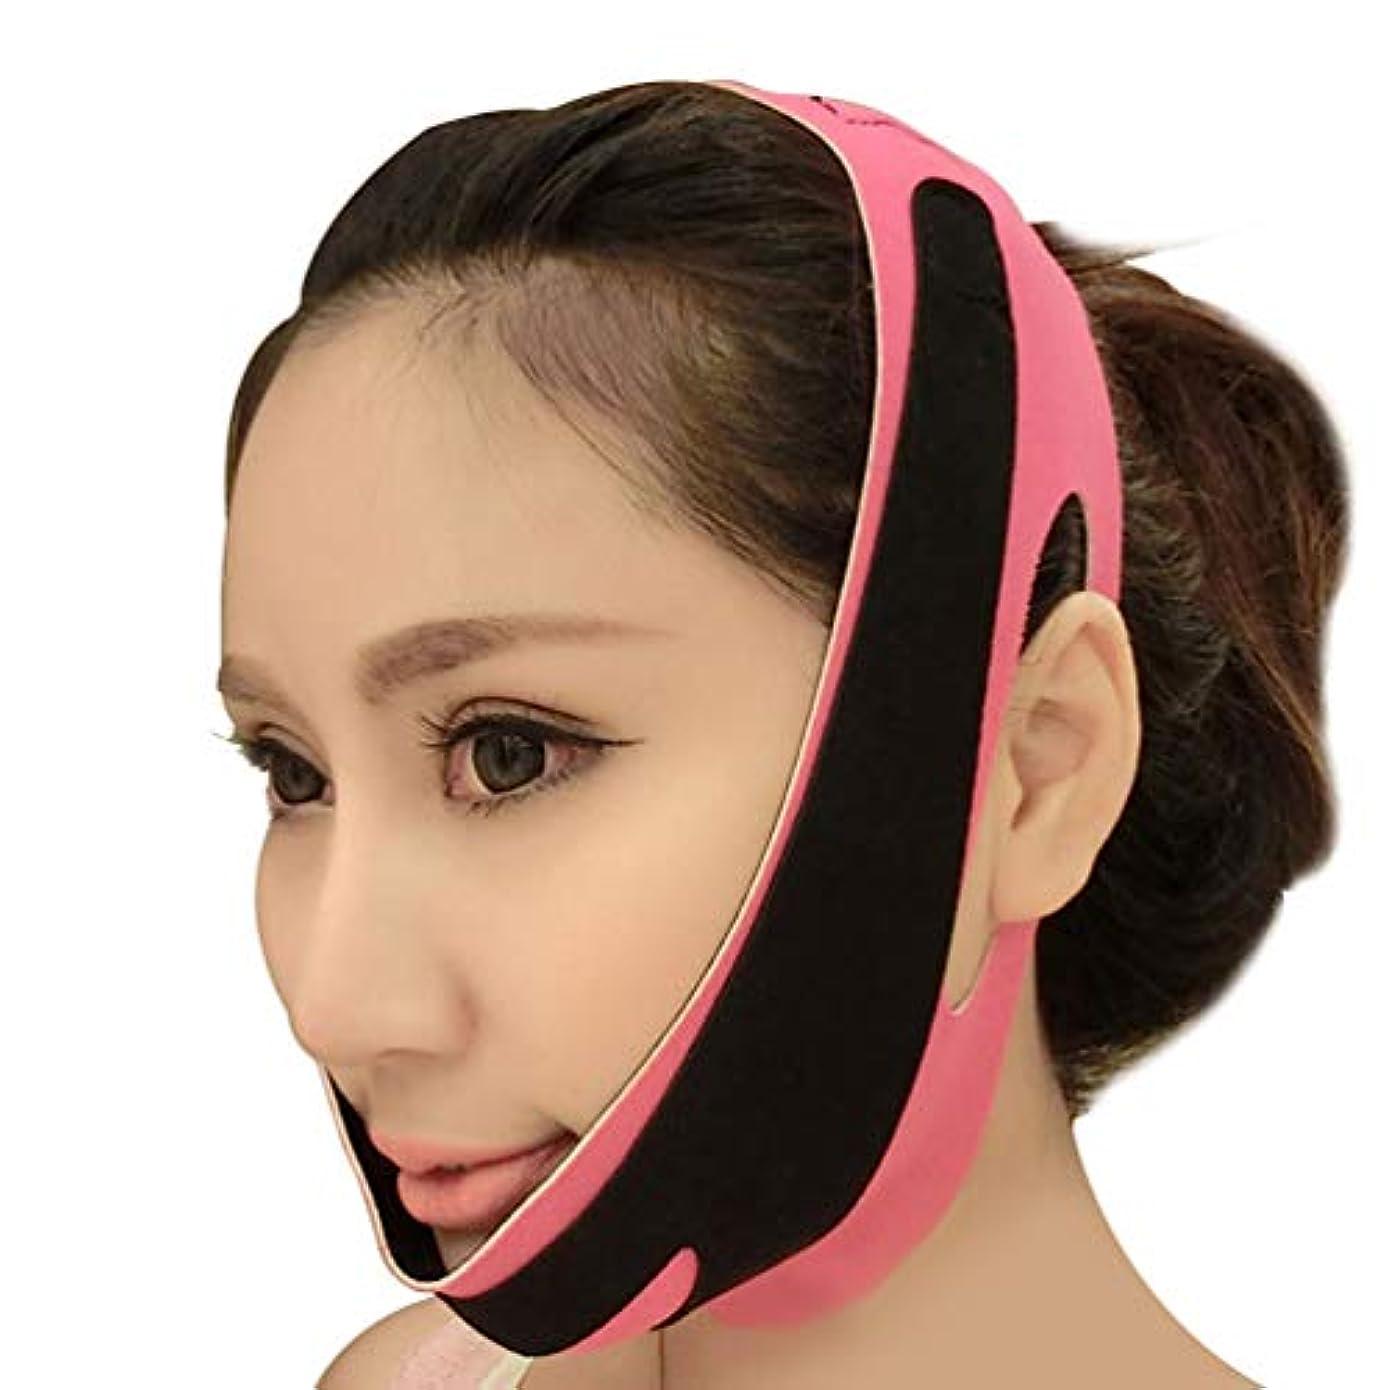 付けるカジュアルプレゼントHealifty Vラインあご頬リフトアップバンドVラインリフティングslim身マスク